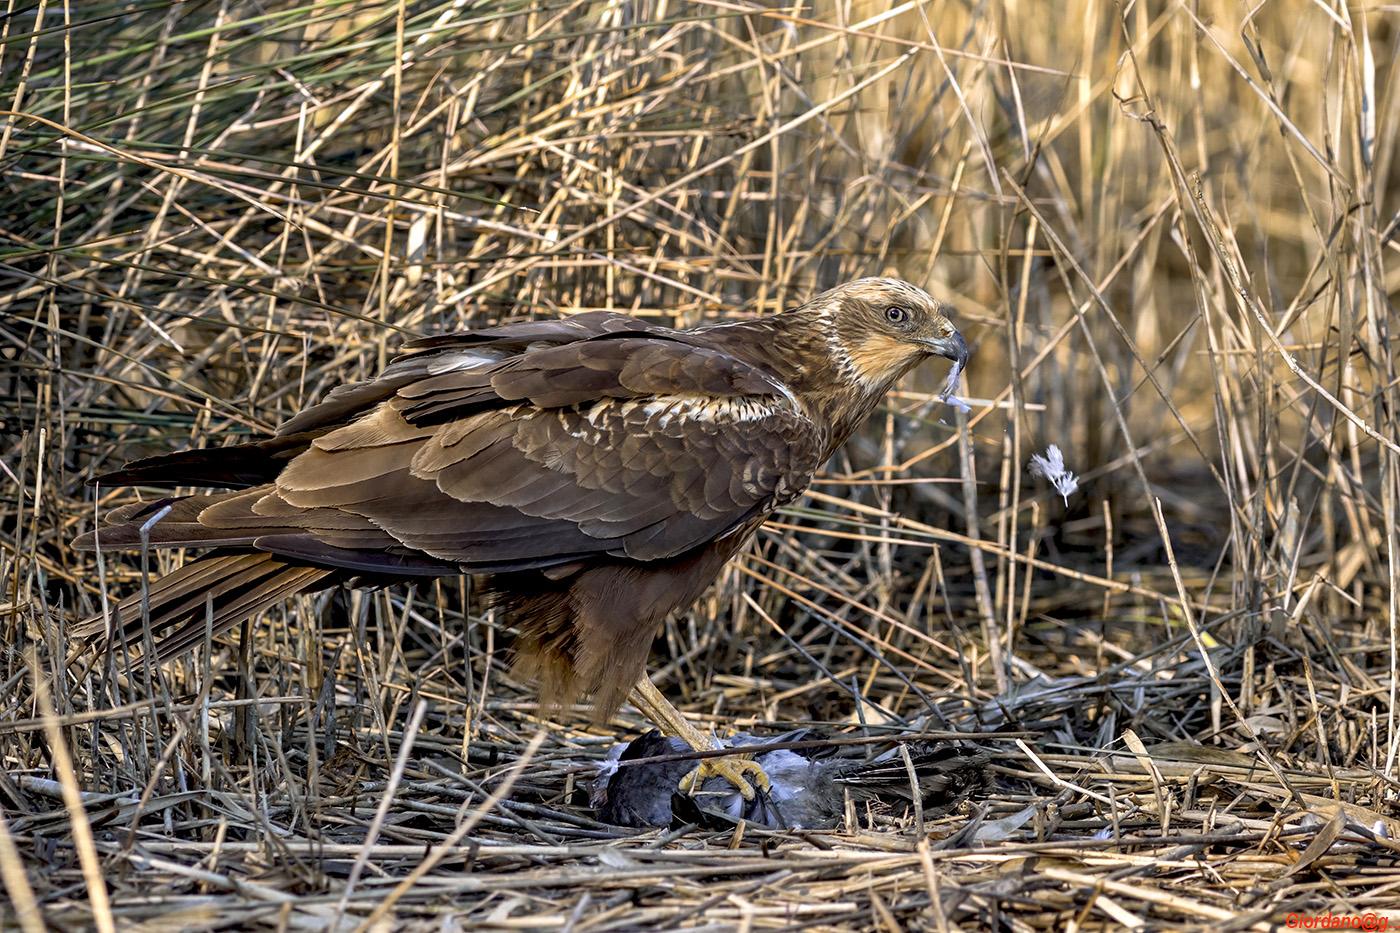 The snack Marsh Harrier...